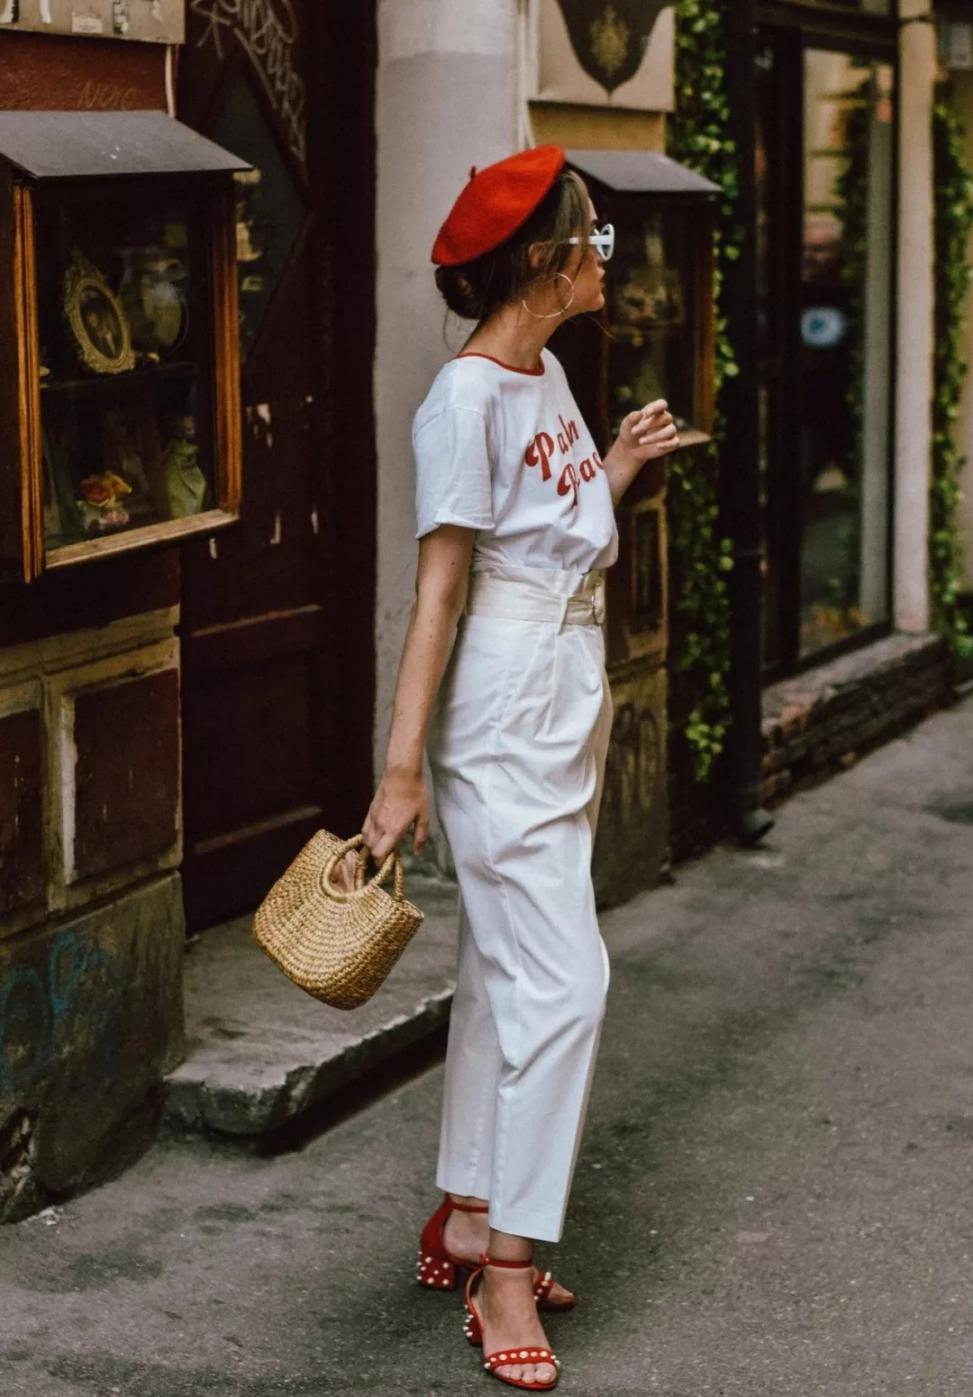 夏天穿衣服,只要牢记这5个技巧,时髦又显瘦,并不是越露越好看